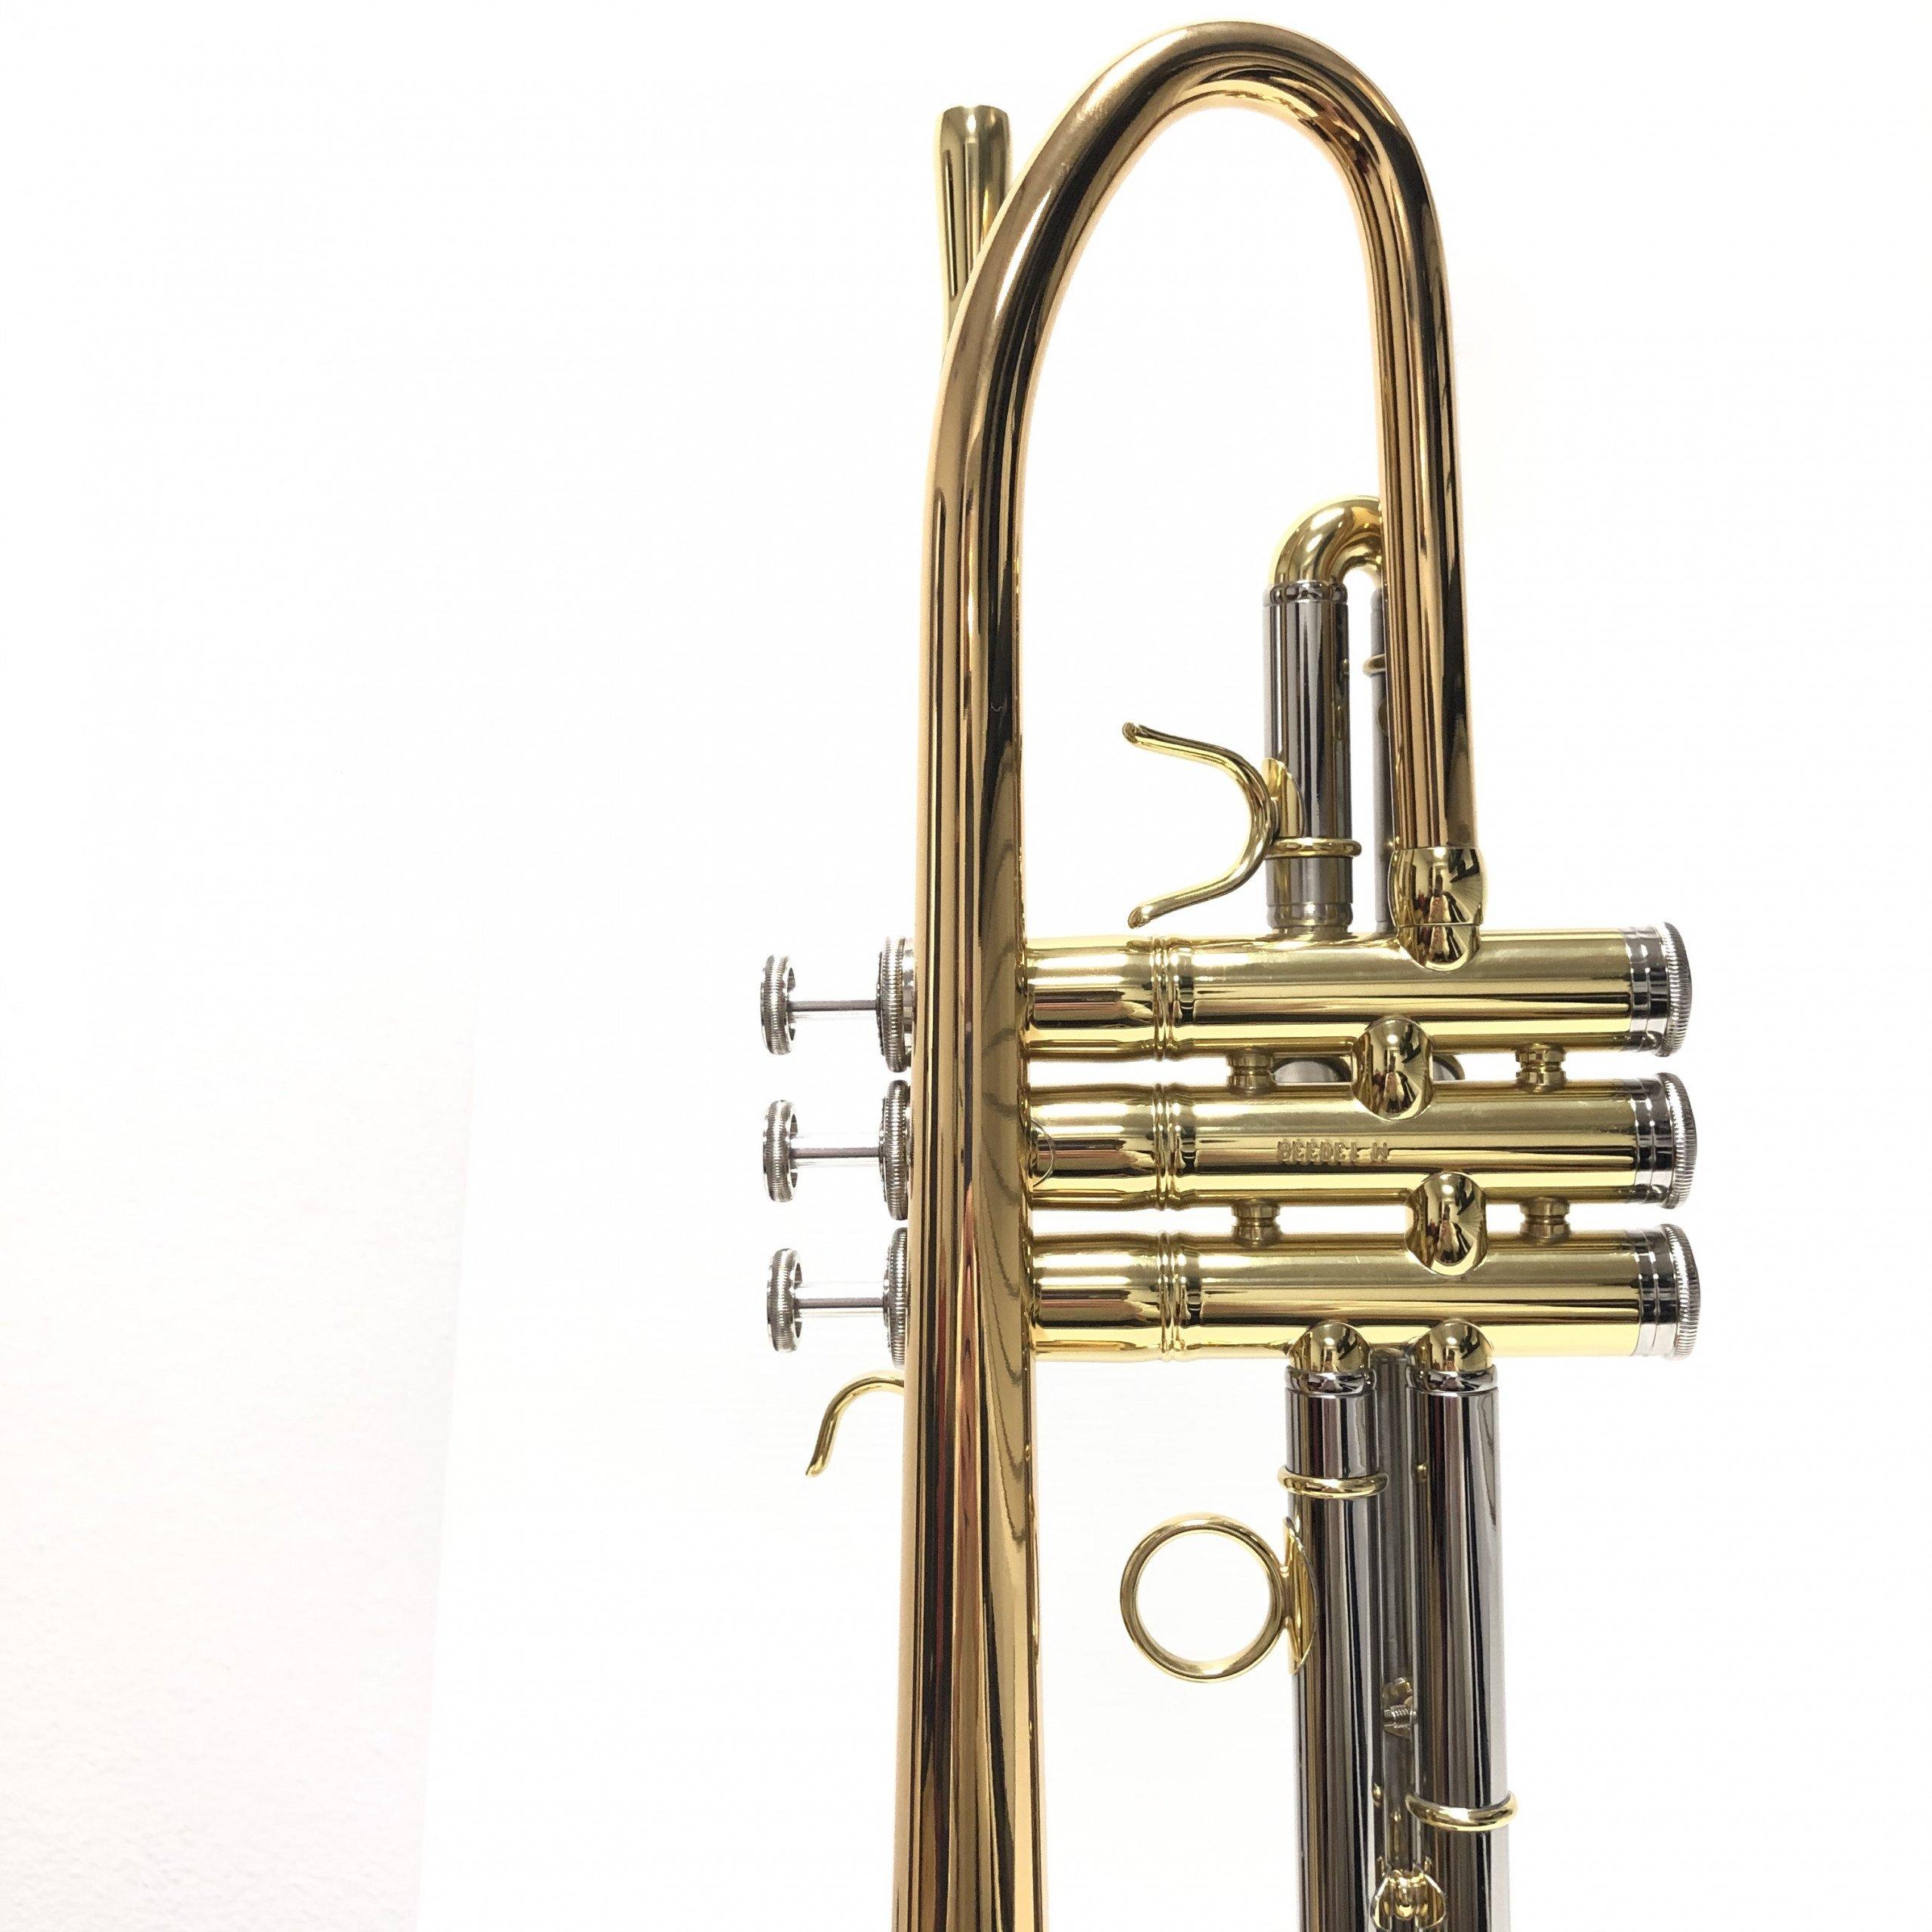 tromba fides lead ellitttica x galleria